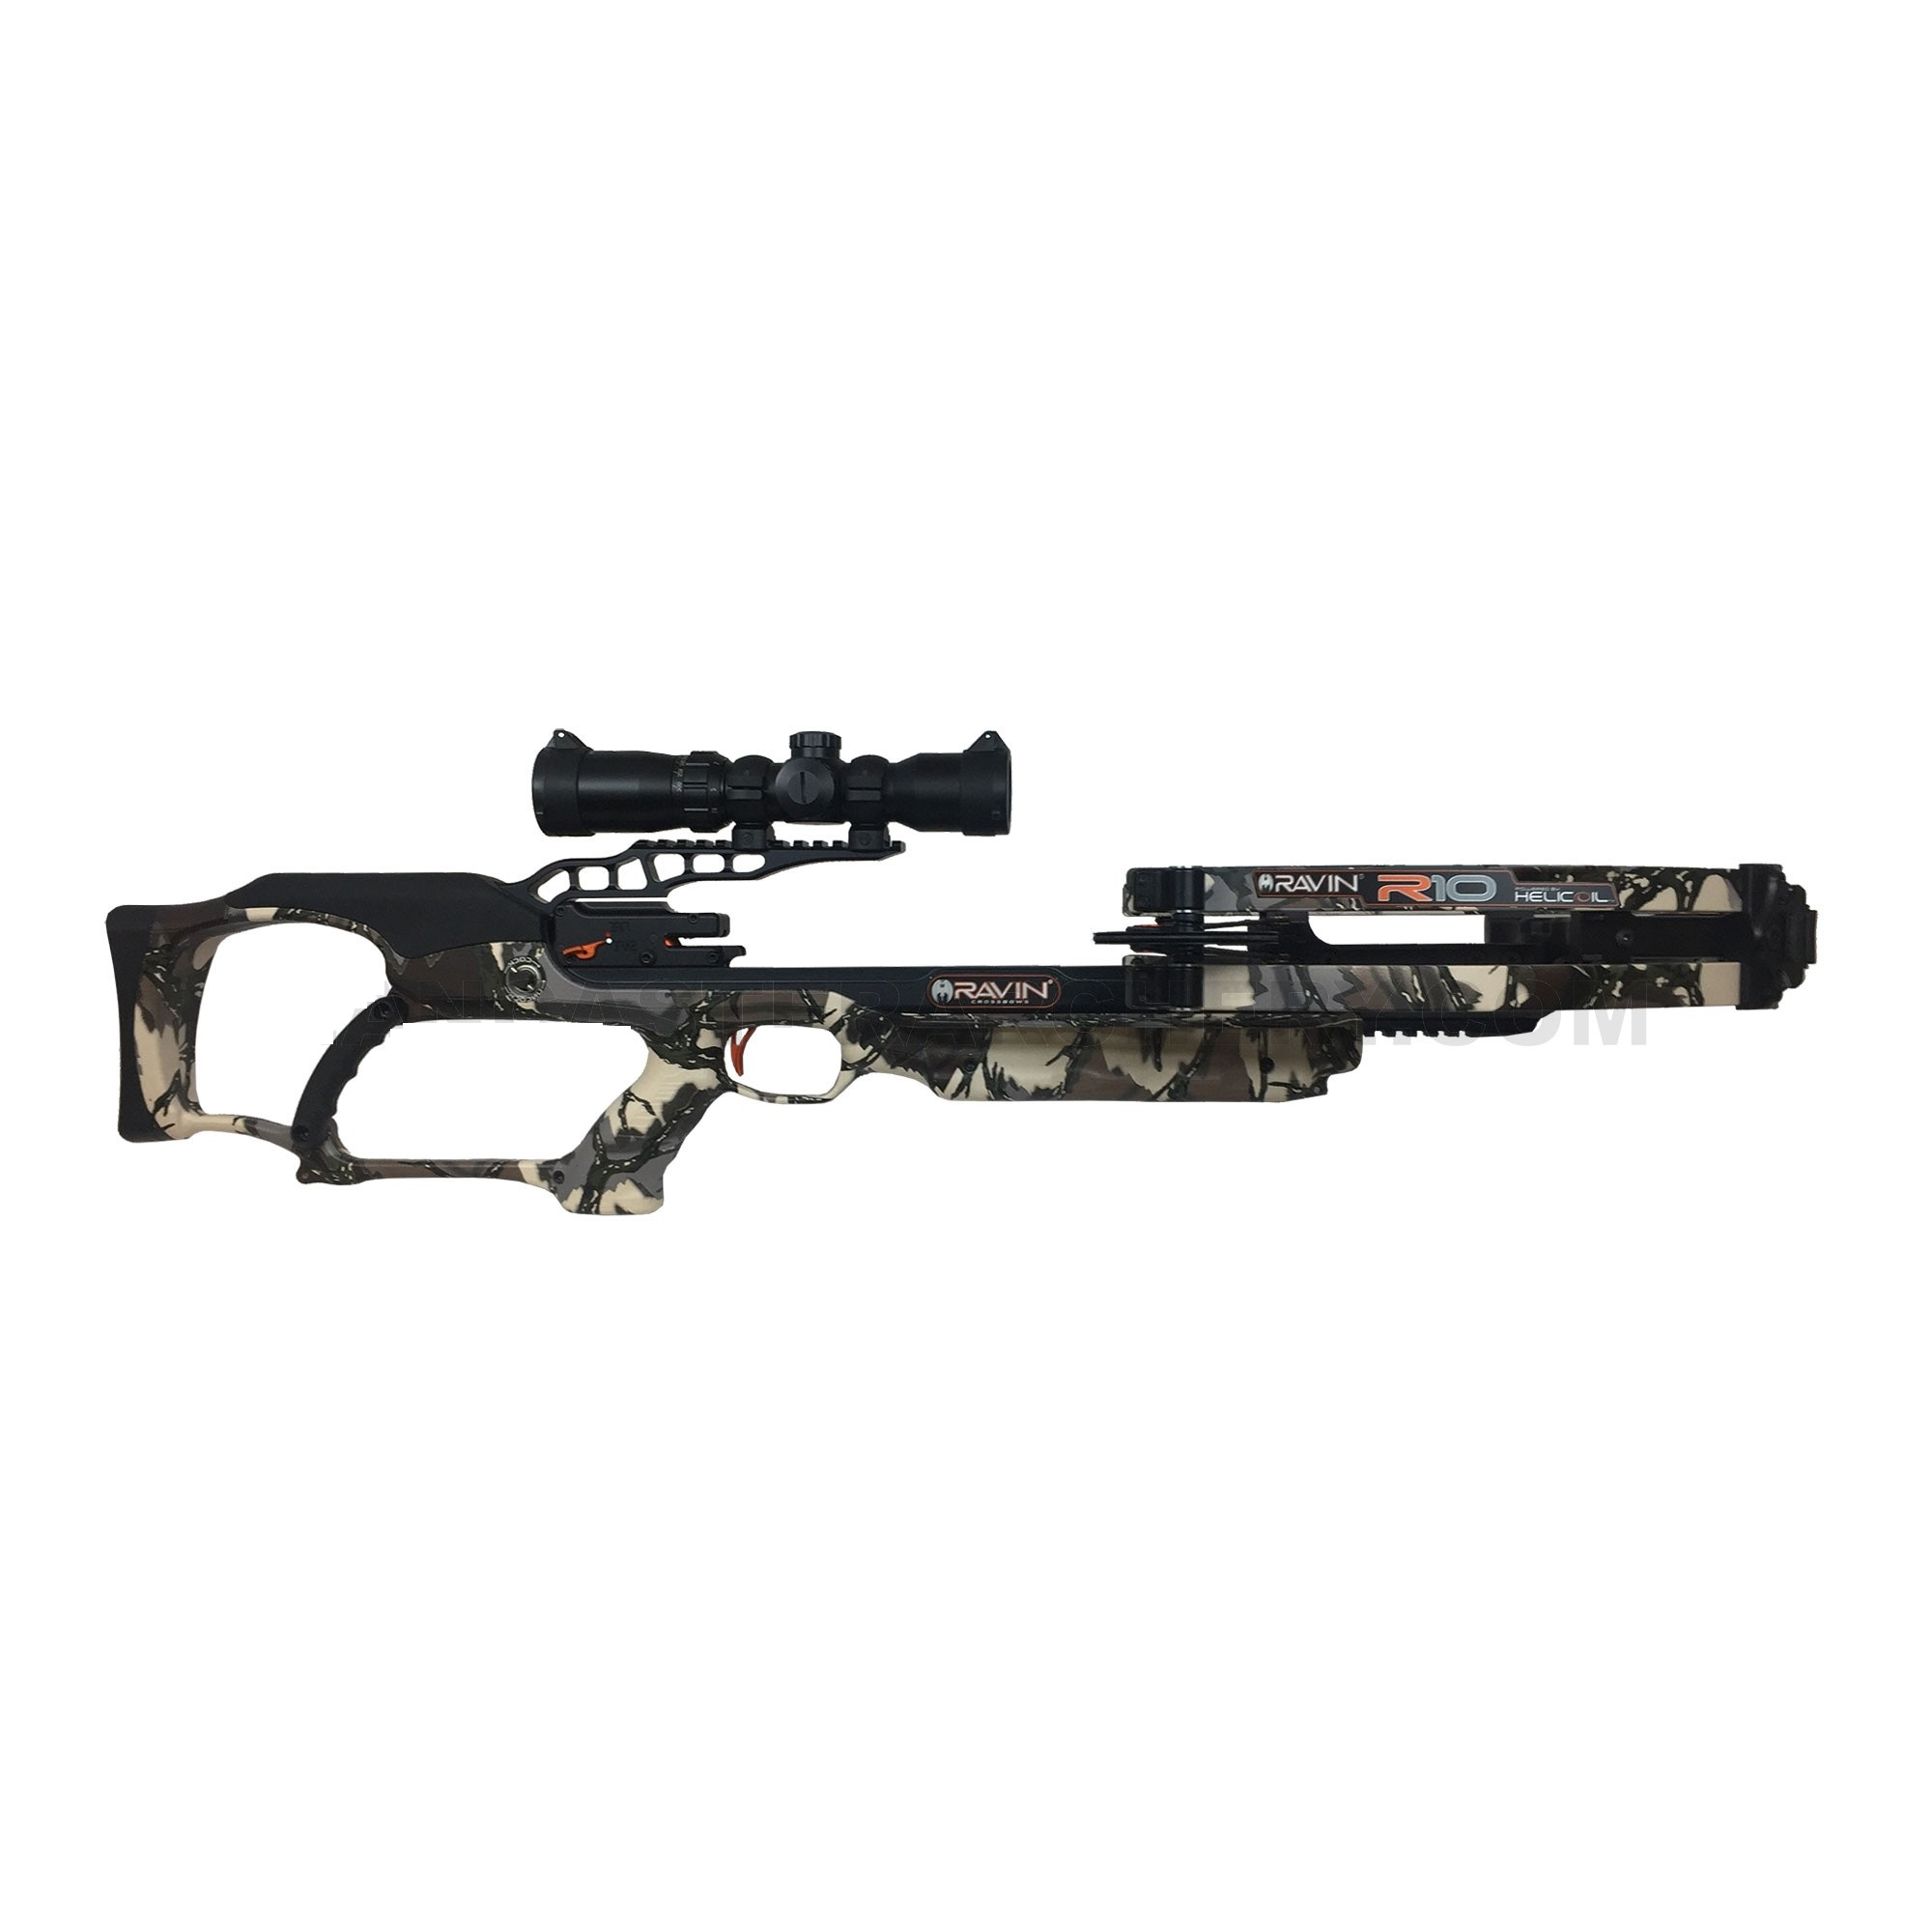 Ravin R20 Crossbow in Predator Camo, Includes Scope